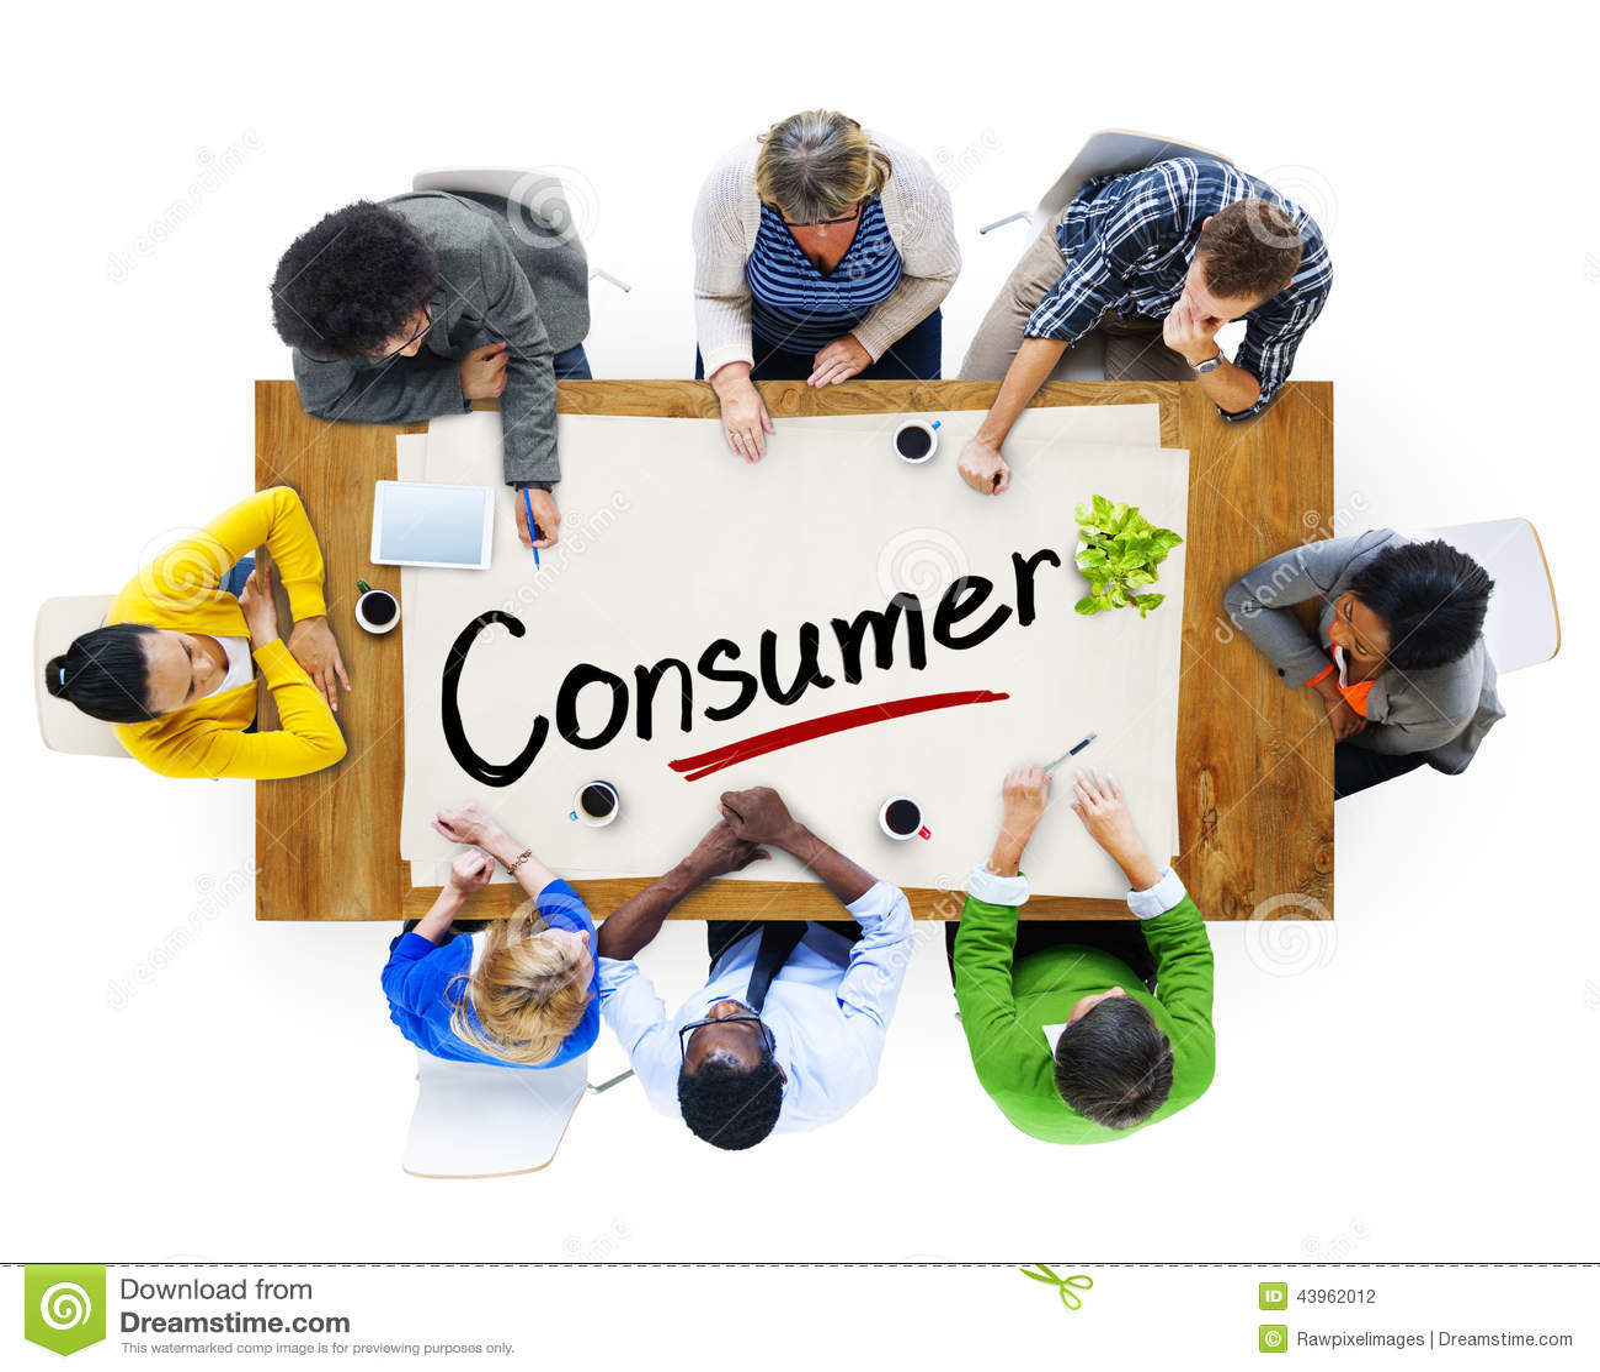 Consumer duration